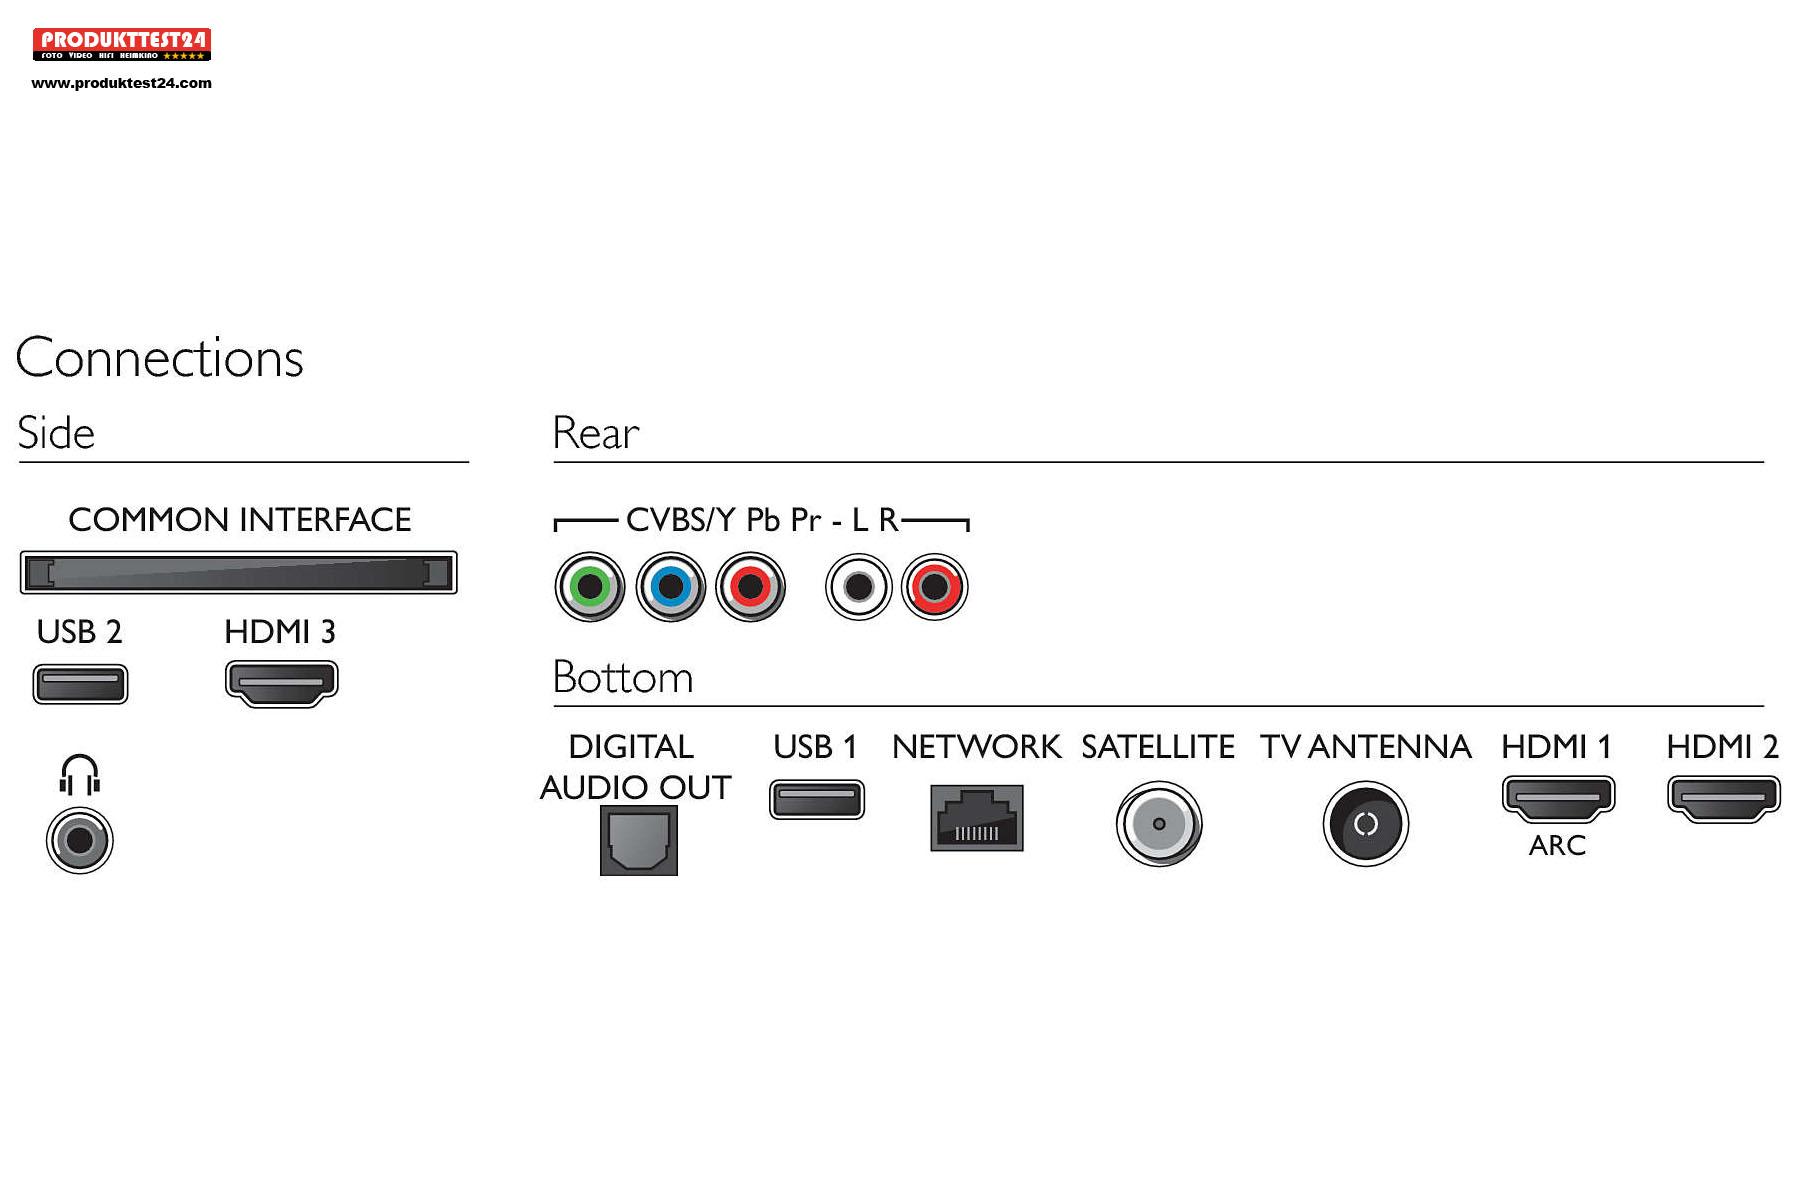 Zahlreiche digitale und analoge Anschlüsse. Allerdings ohne Bluetooth.